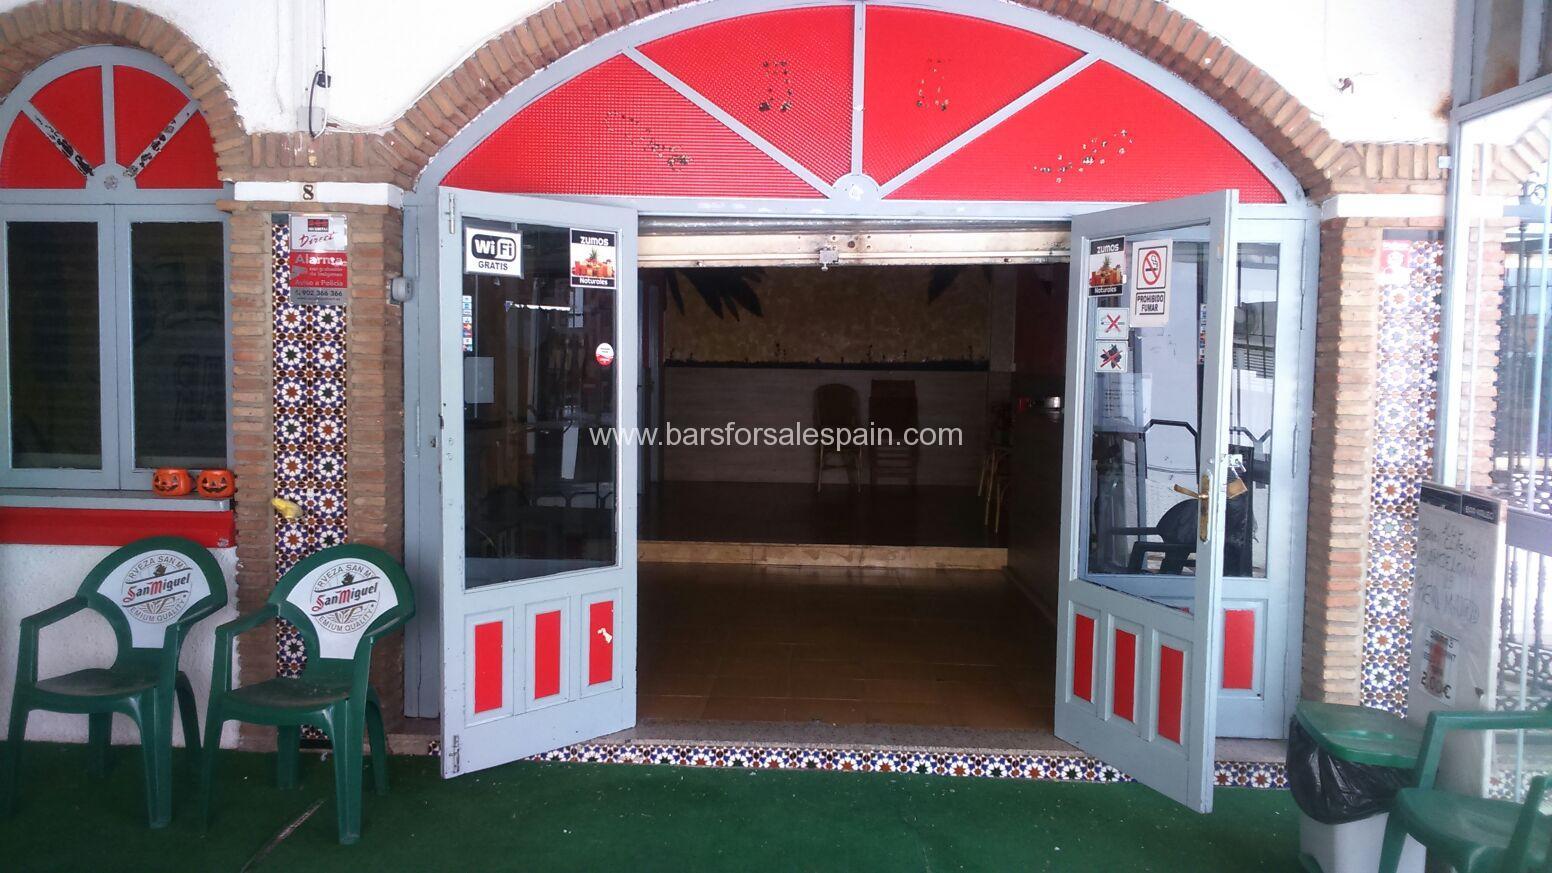 Drinks Bar For Sale in Benalmadena, Malaga, Spain